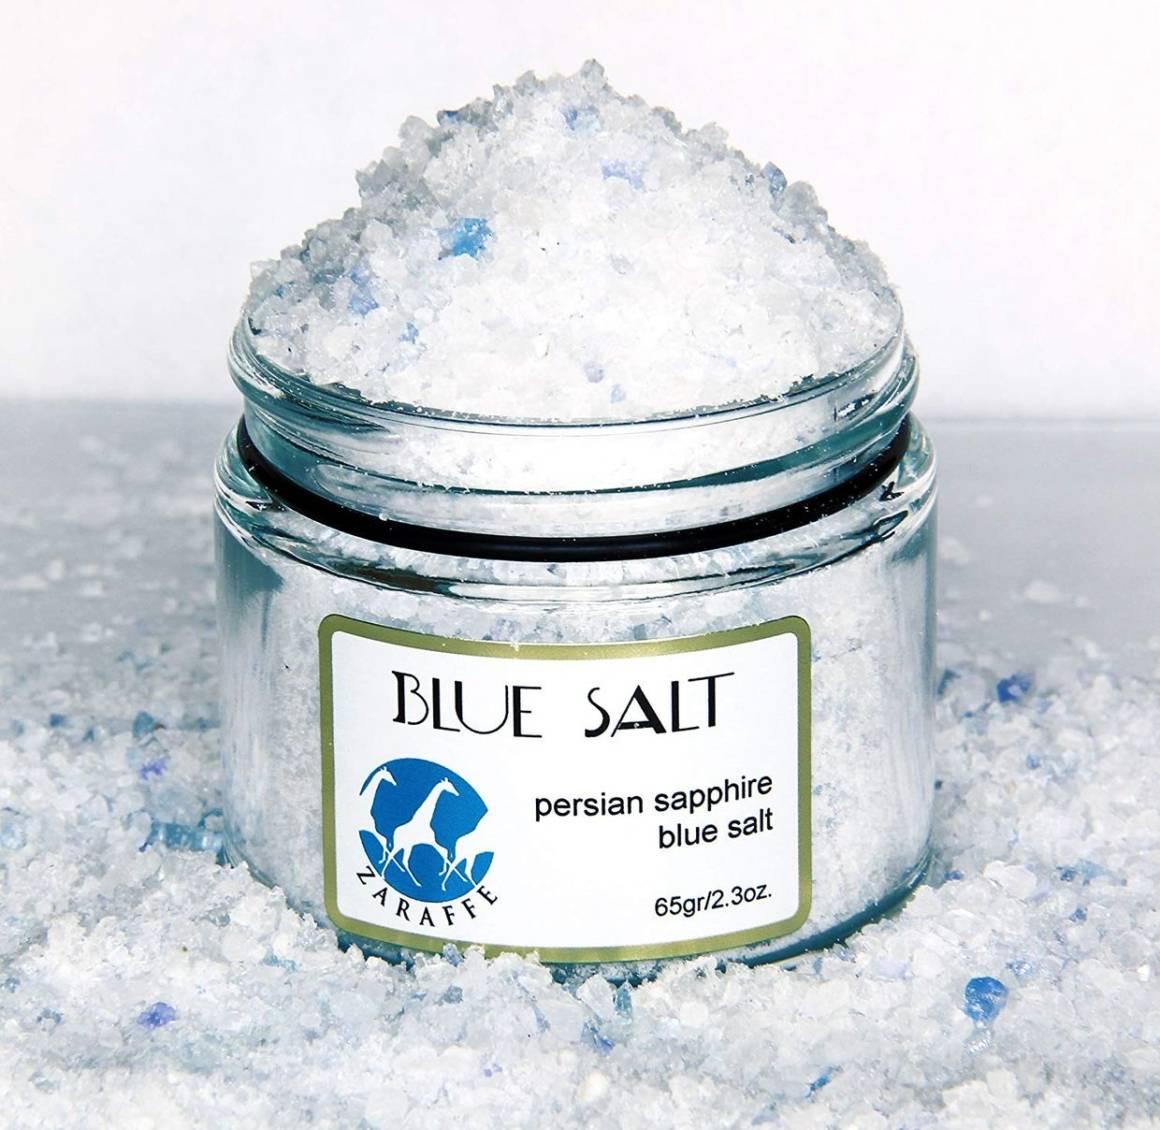 барная соль, коктейли с солью, экзотическая соль, солевой сомелье, черная соль, розовая соль, гималайская соль, копченая соль, соленое пиво, гозе